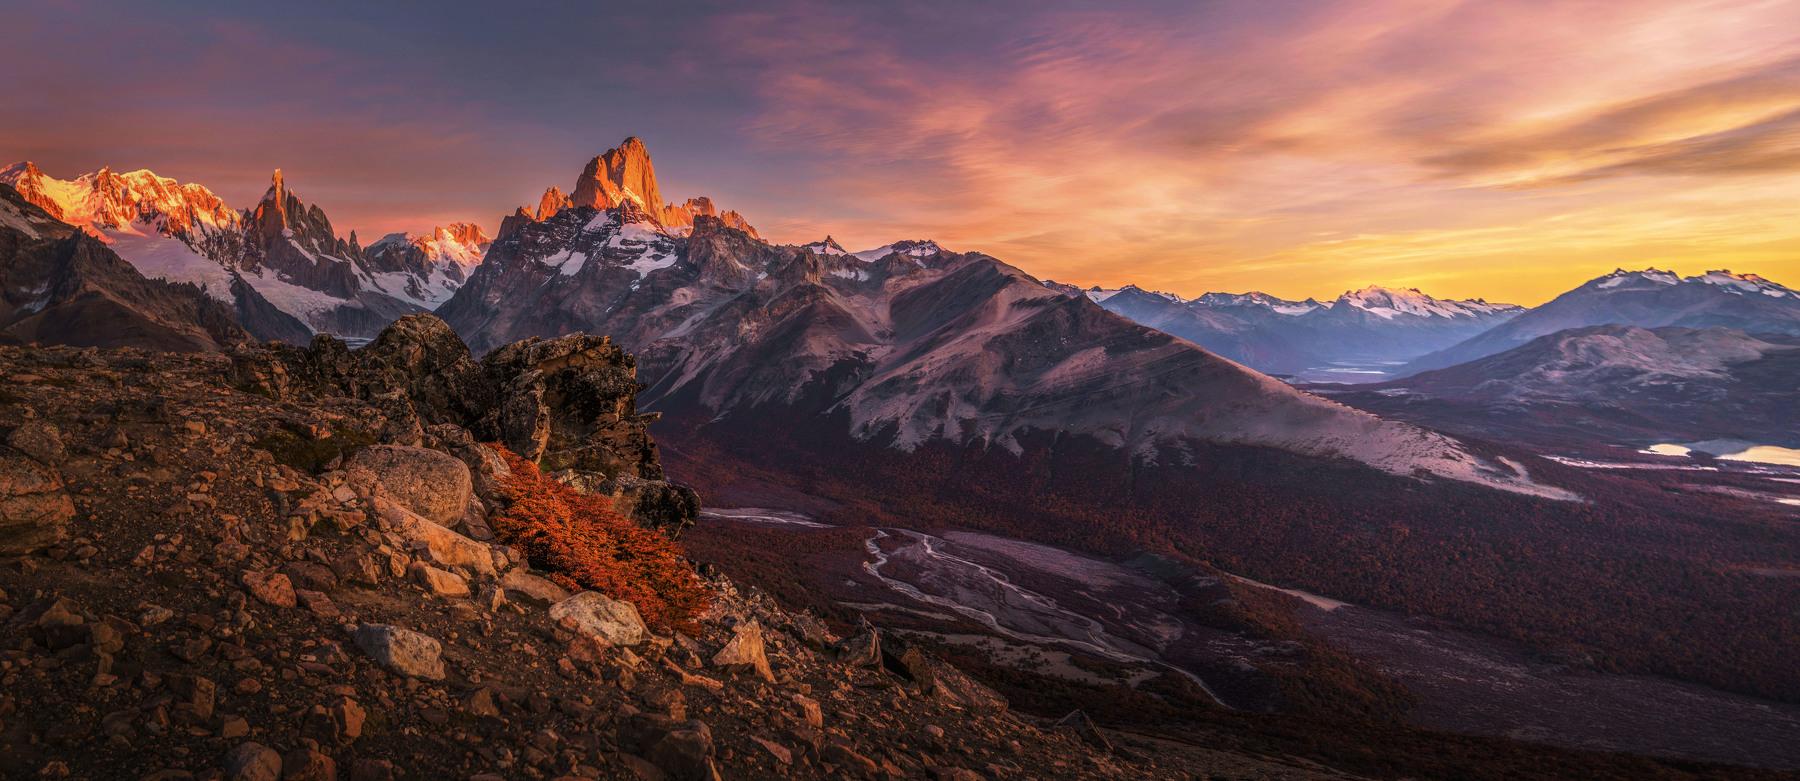 Dawn in Patagonia